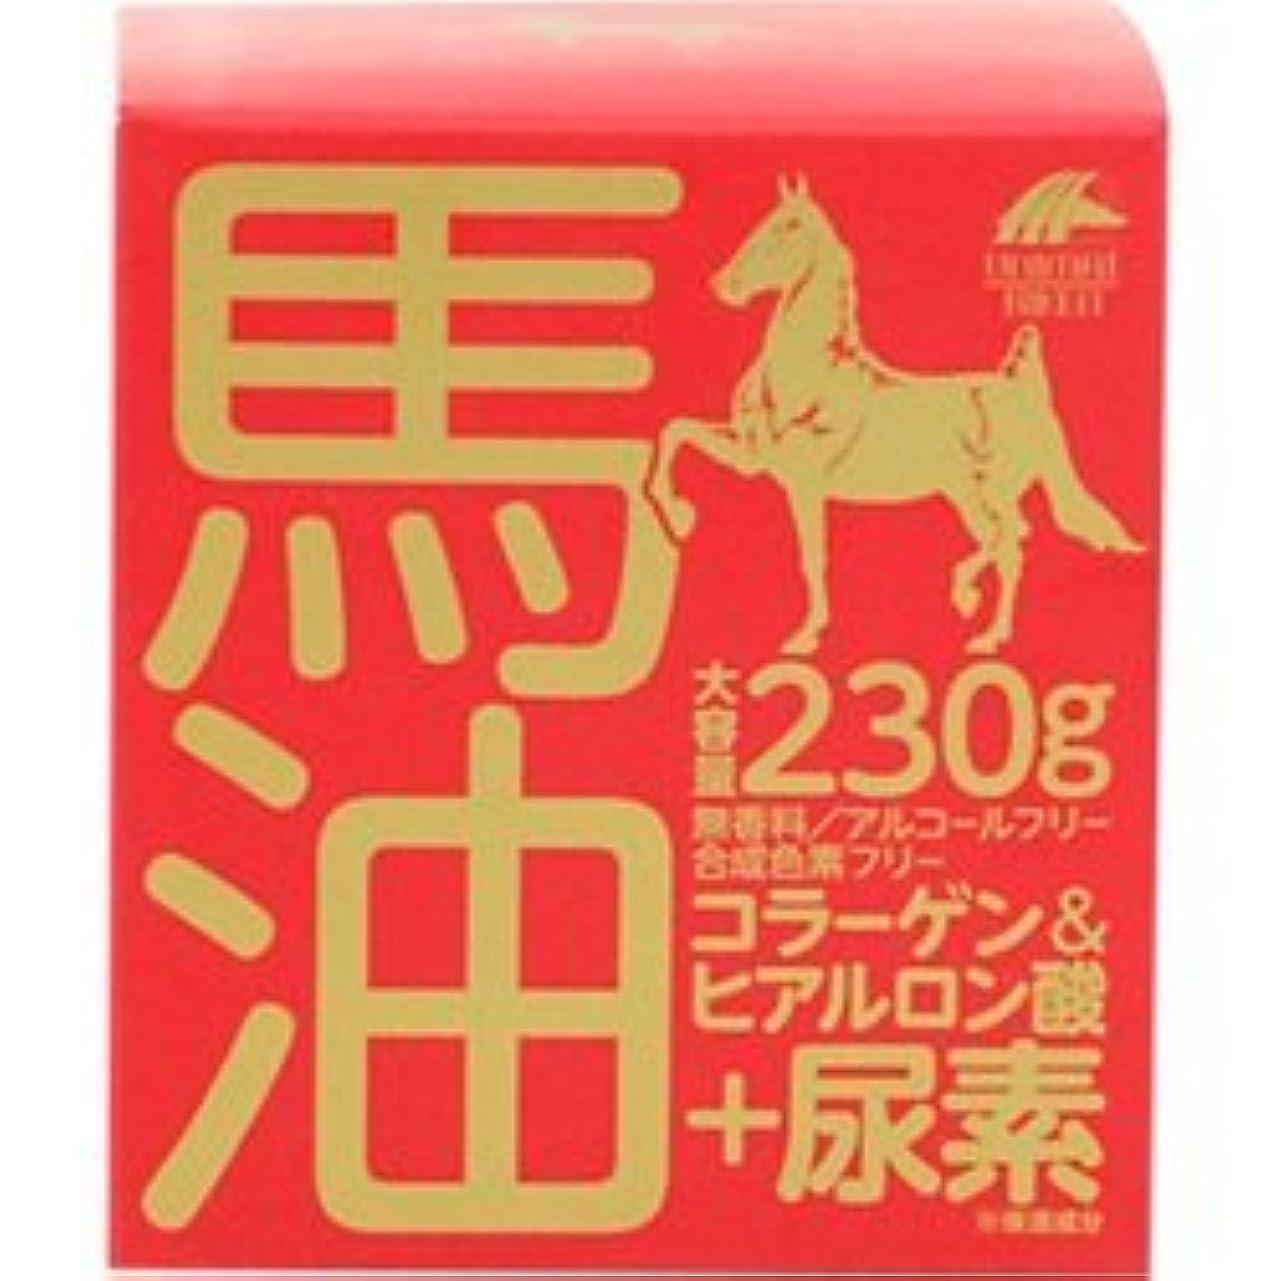 羊の服を着た狼パイル独占【ユニマットリケン】馬油クリーム+尿素 230g ×10個セット